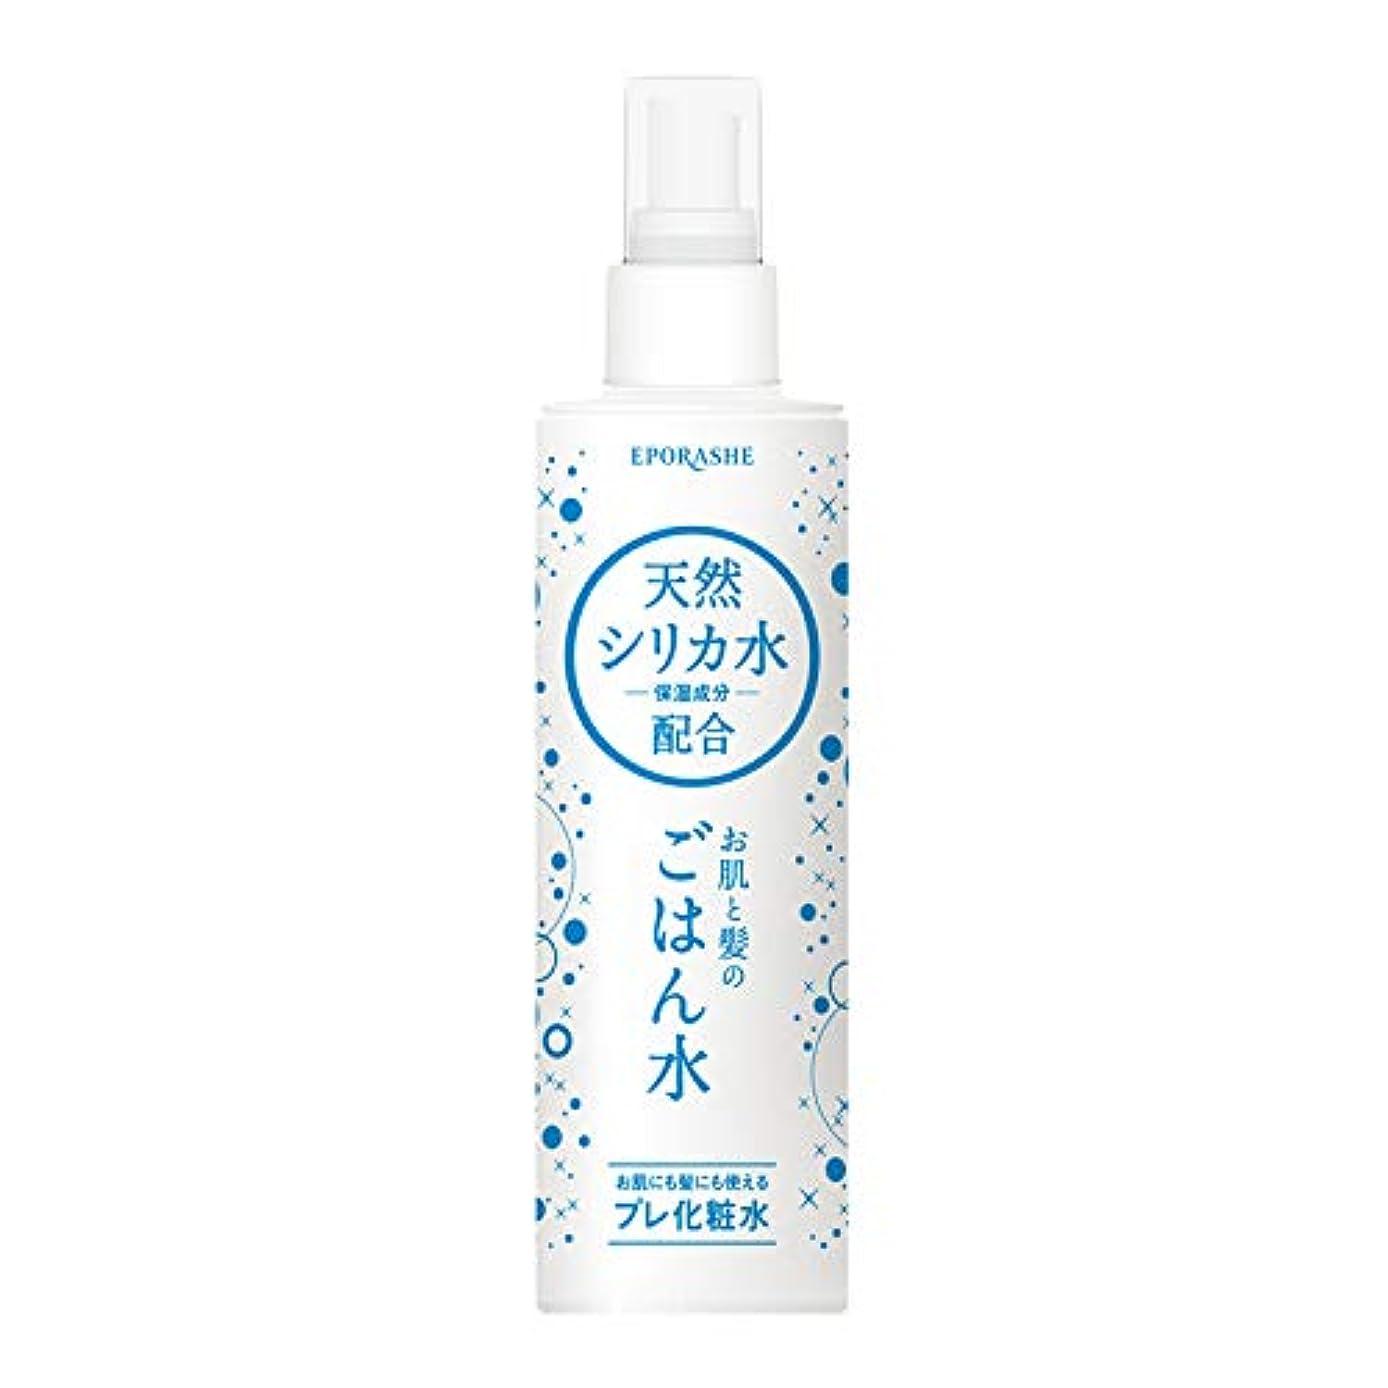 島ローンステップEPORASHE お肌と髪のごはん水 ケイ素(天然シリカ)のプレ化粧水